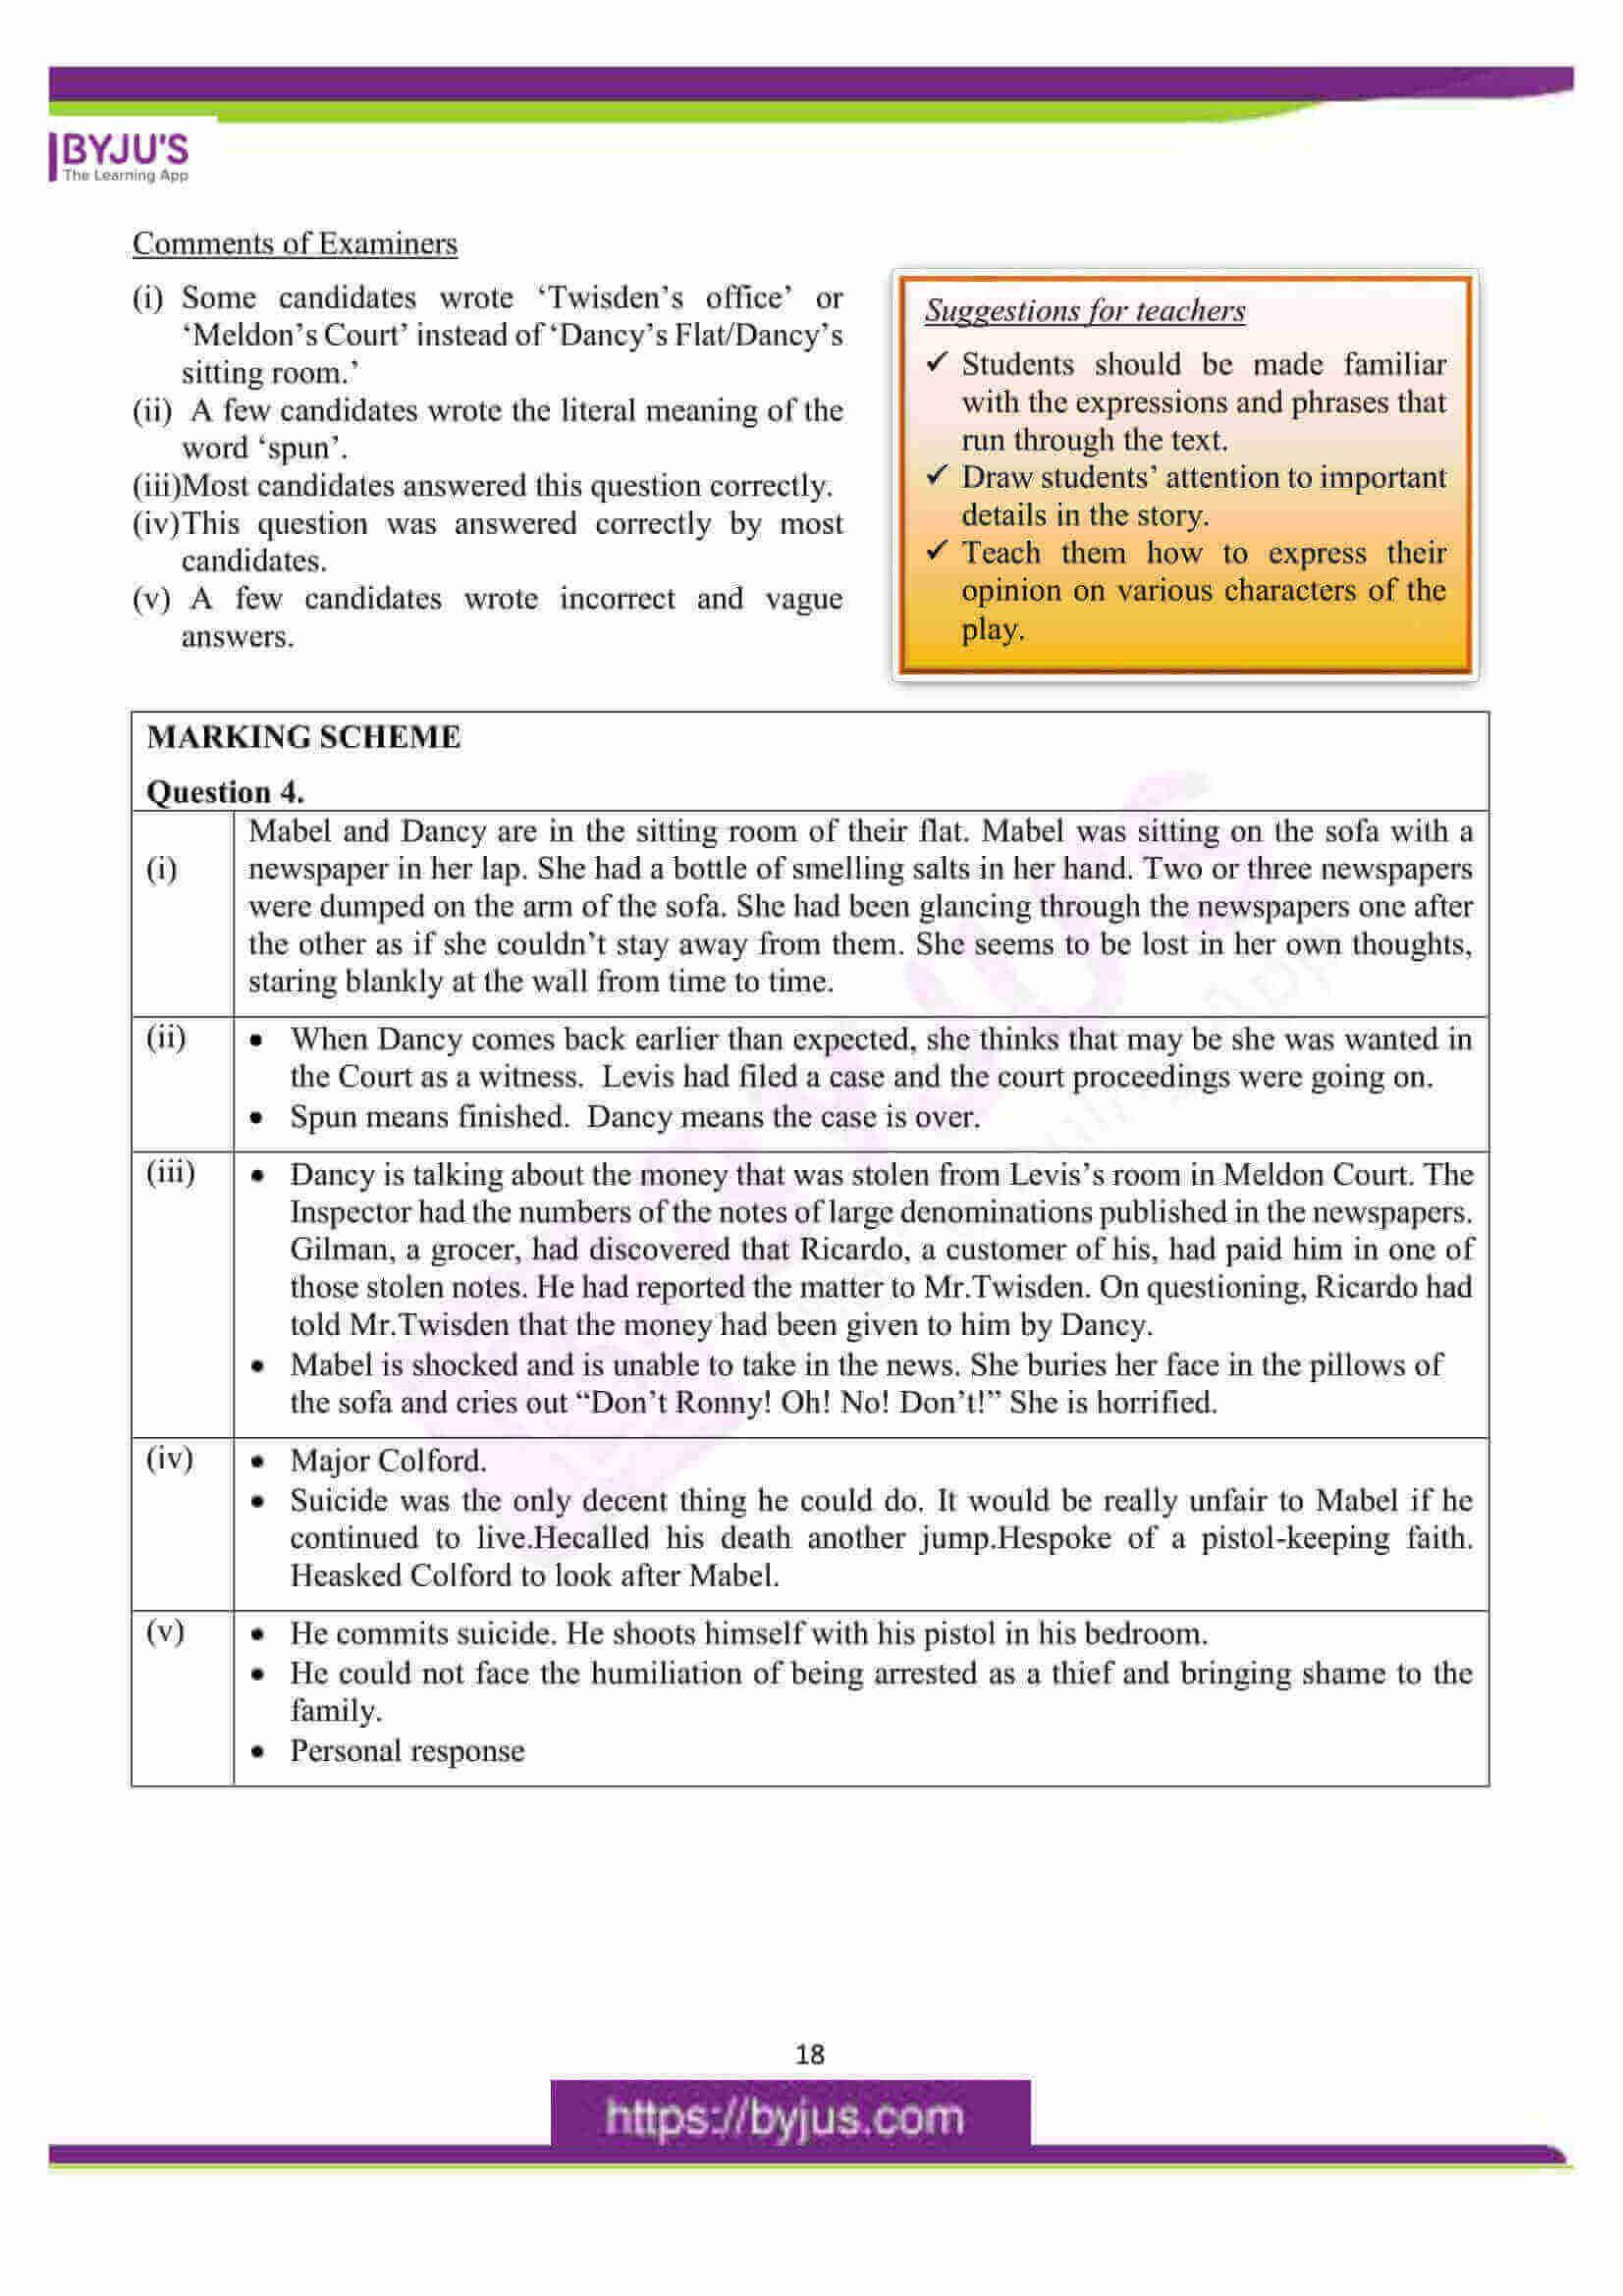 icse class 10 eng lit question paper solution 2016 06